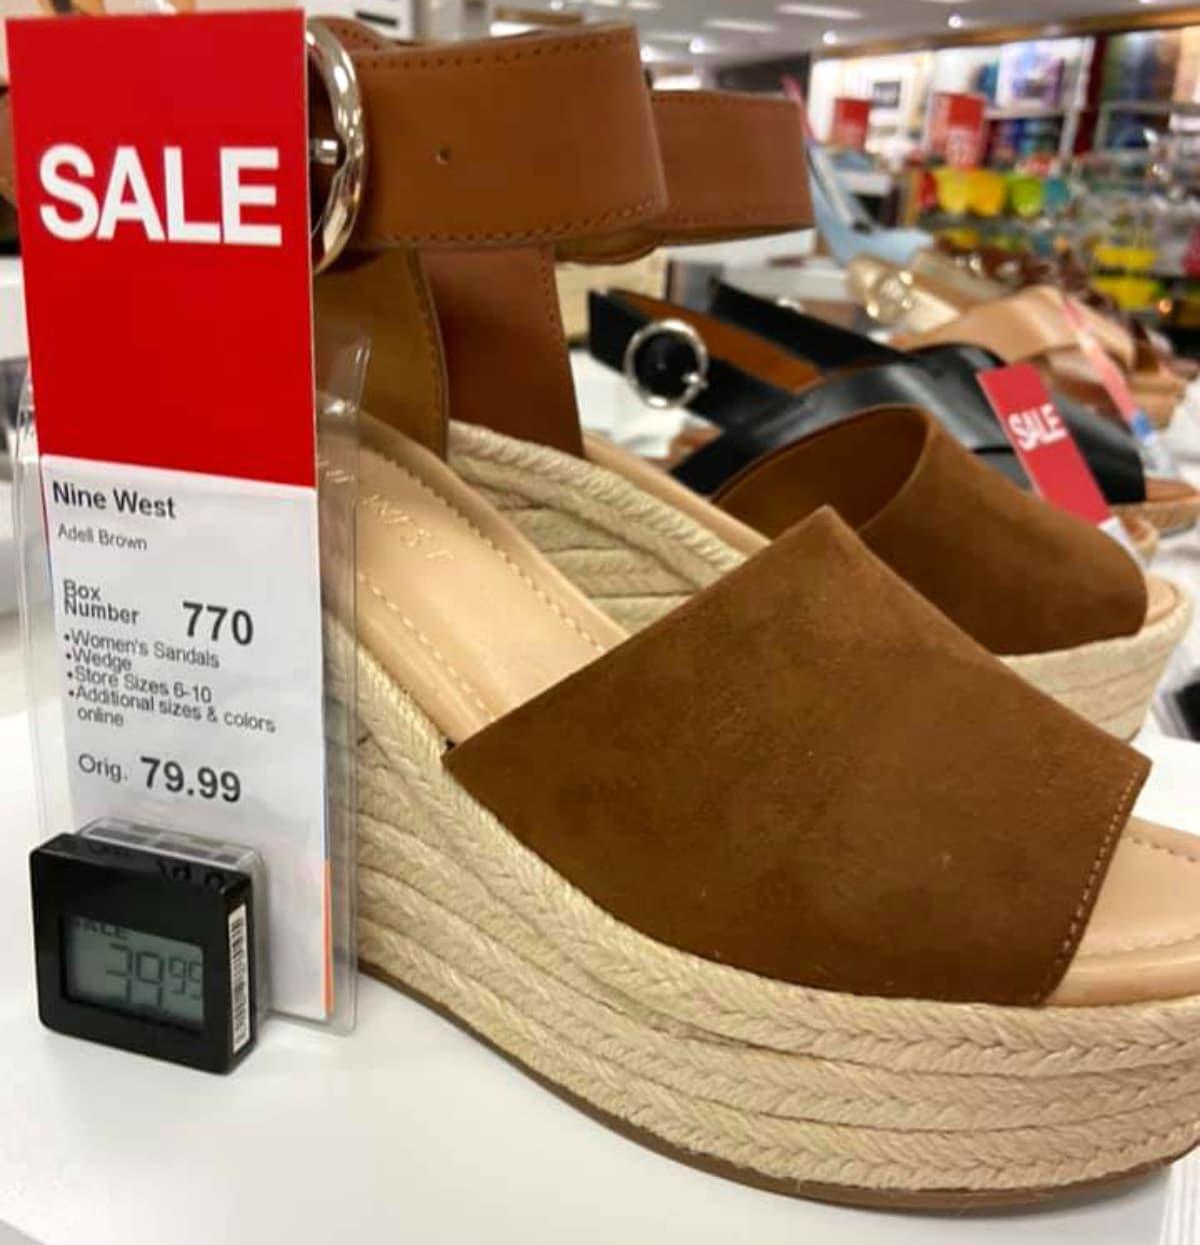 kohl's women's sandals